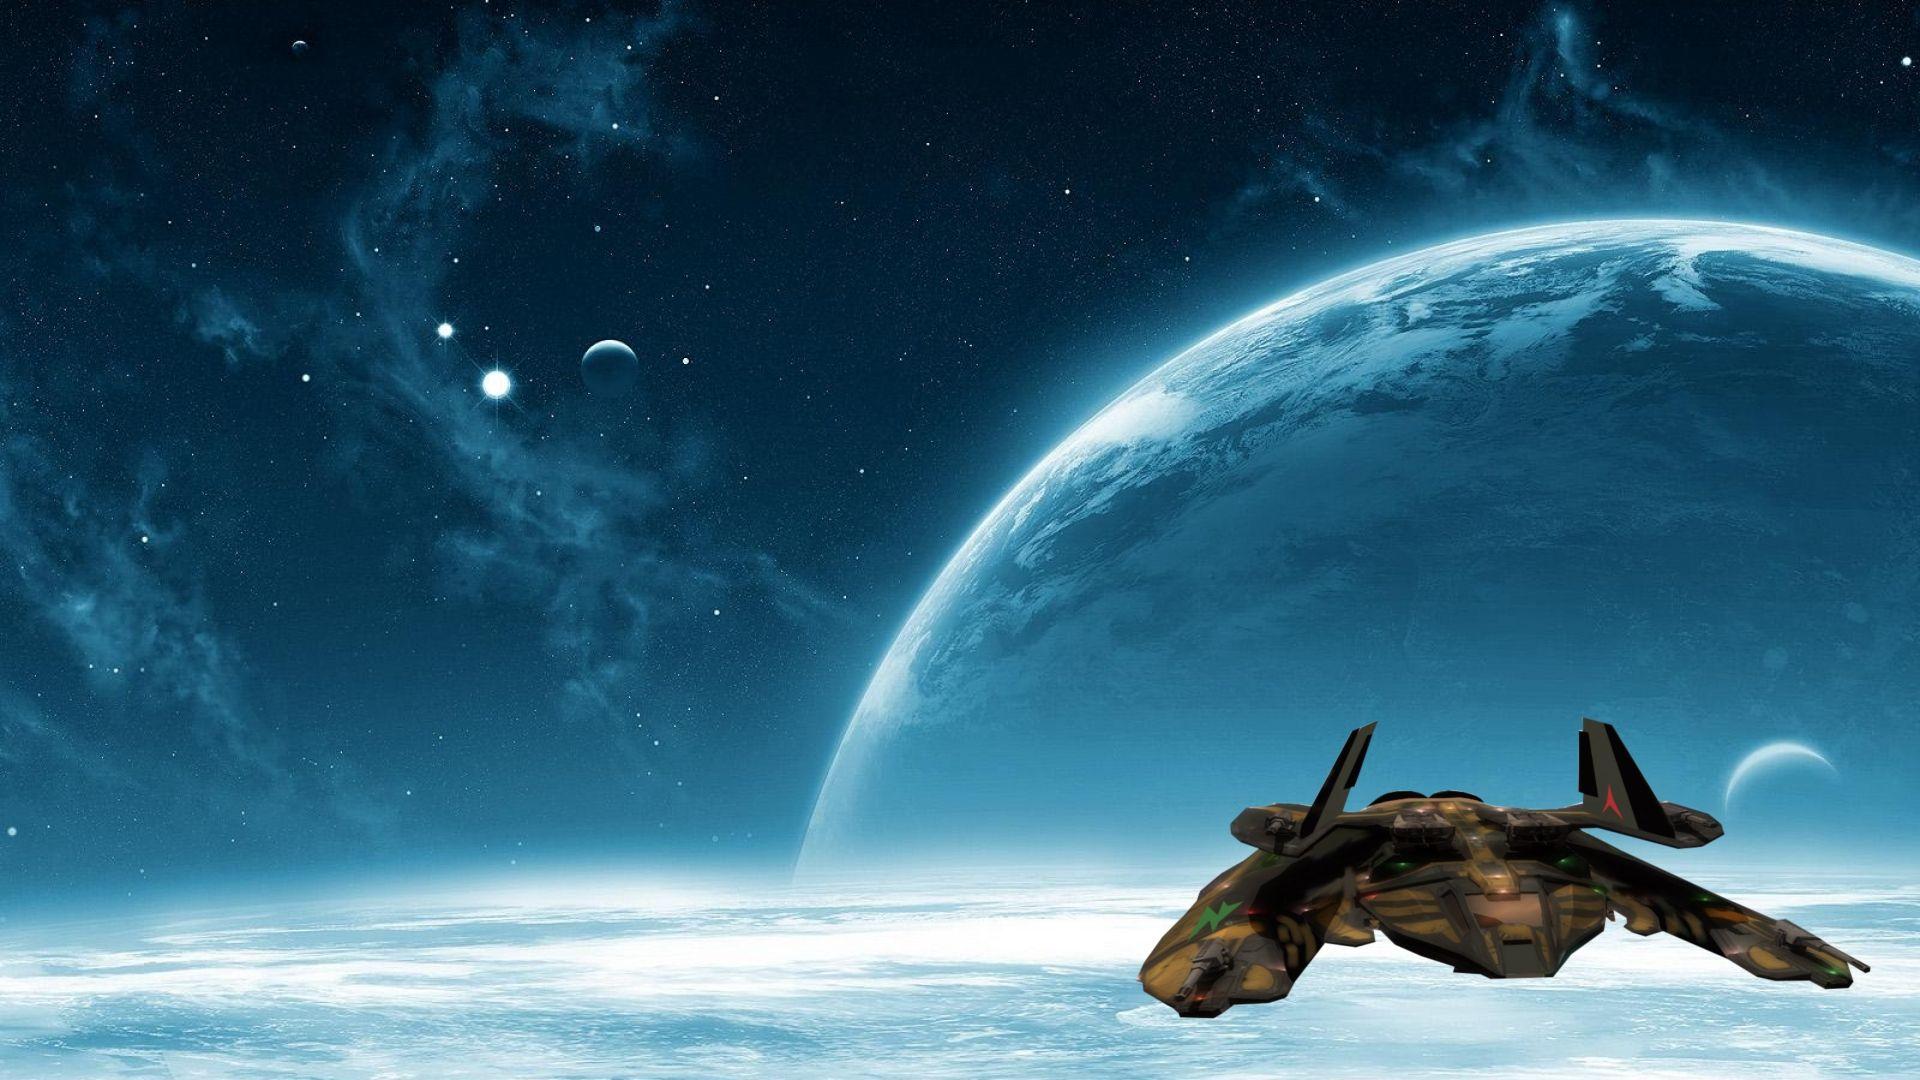 Spaceship Wallpaper